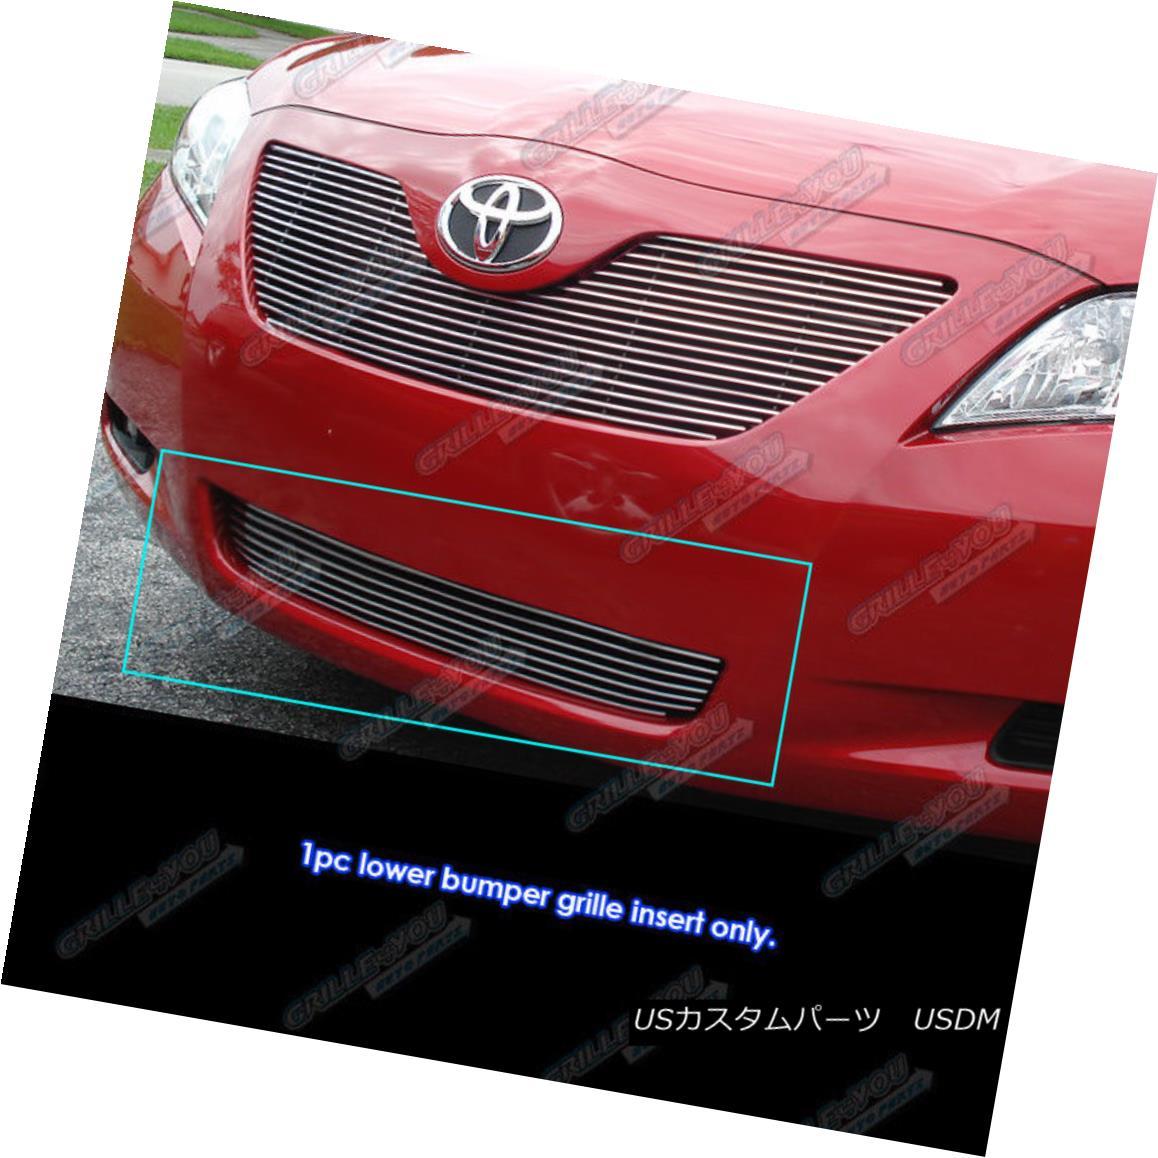 グリル Fits 2007-2009 Toyota Camry Lower Bumper Billet Grille Insert フィット2007-2009トヨタカムリロワーバンパービレットグリルインサート